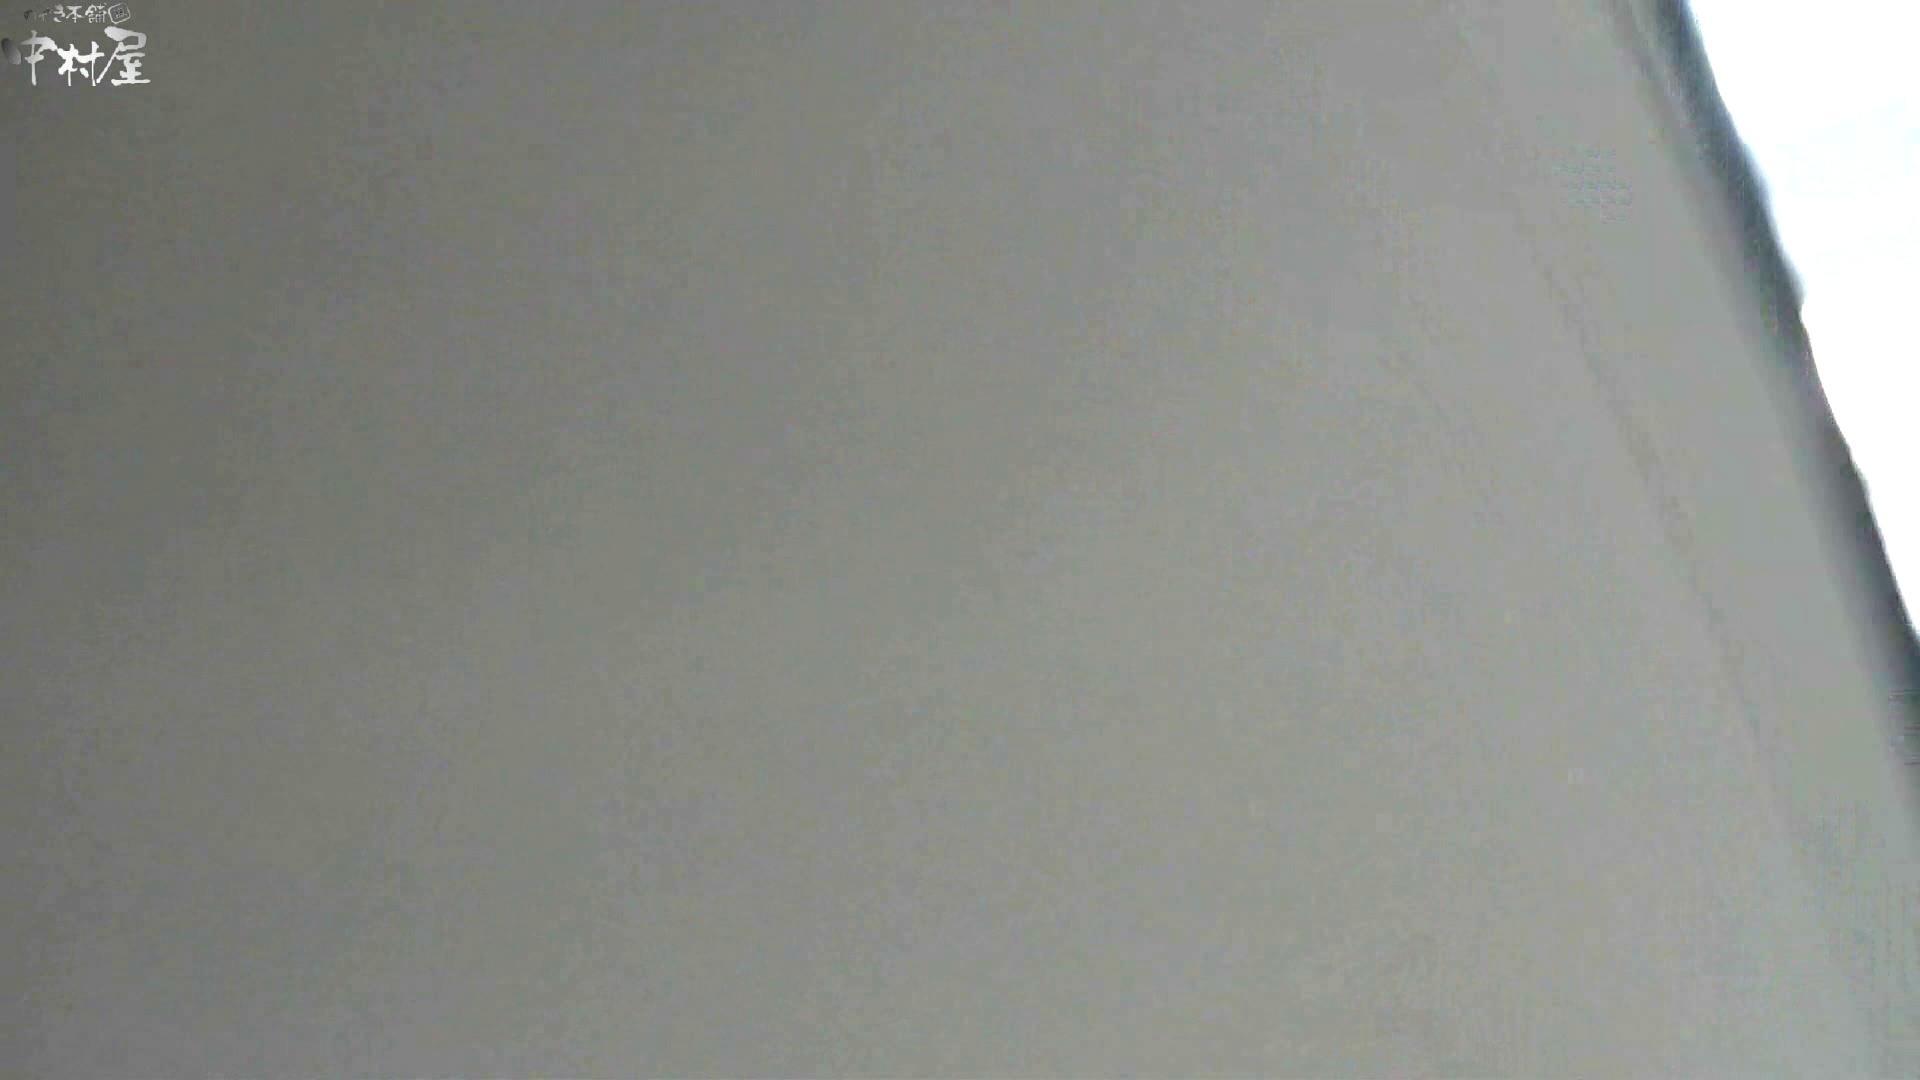 お市さんの「お尻丸出しジャンボリー」No.03 マンコ・ムレムレ ワレメ動画紹介 107pic 103